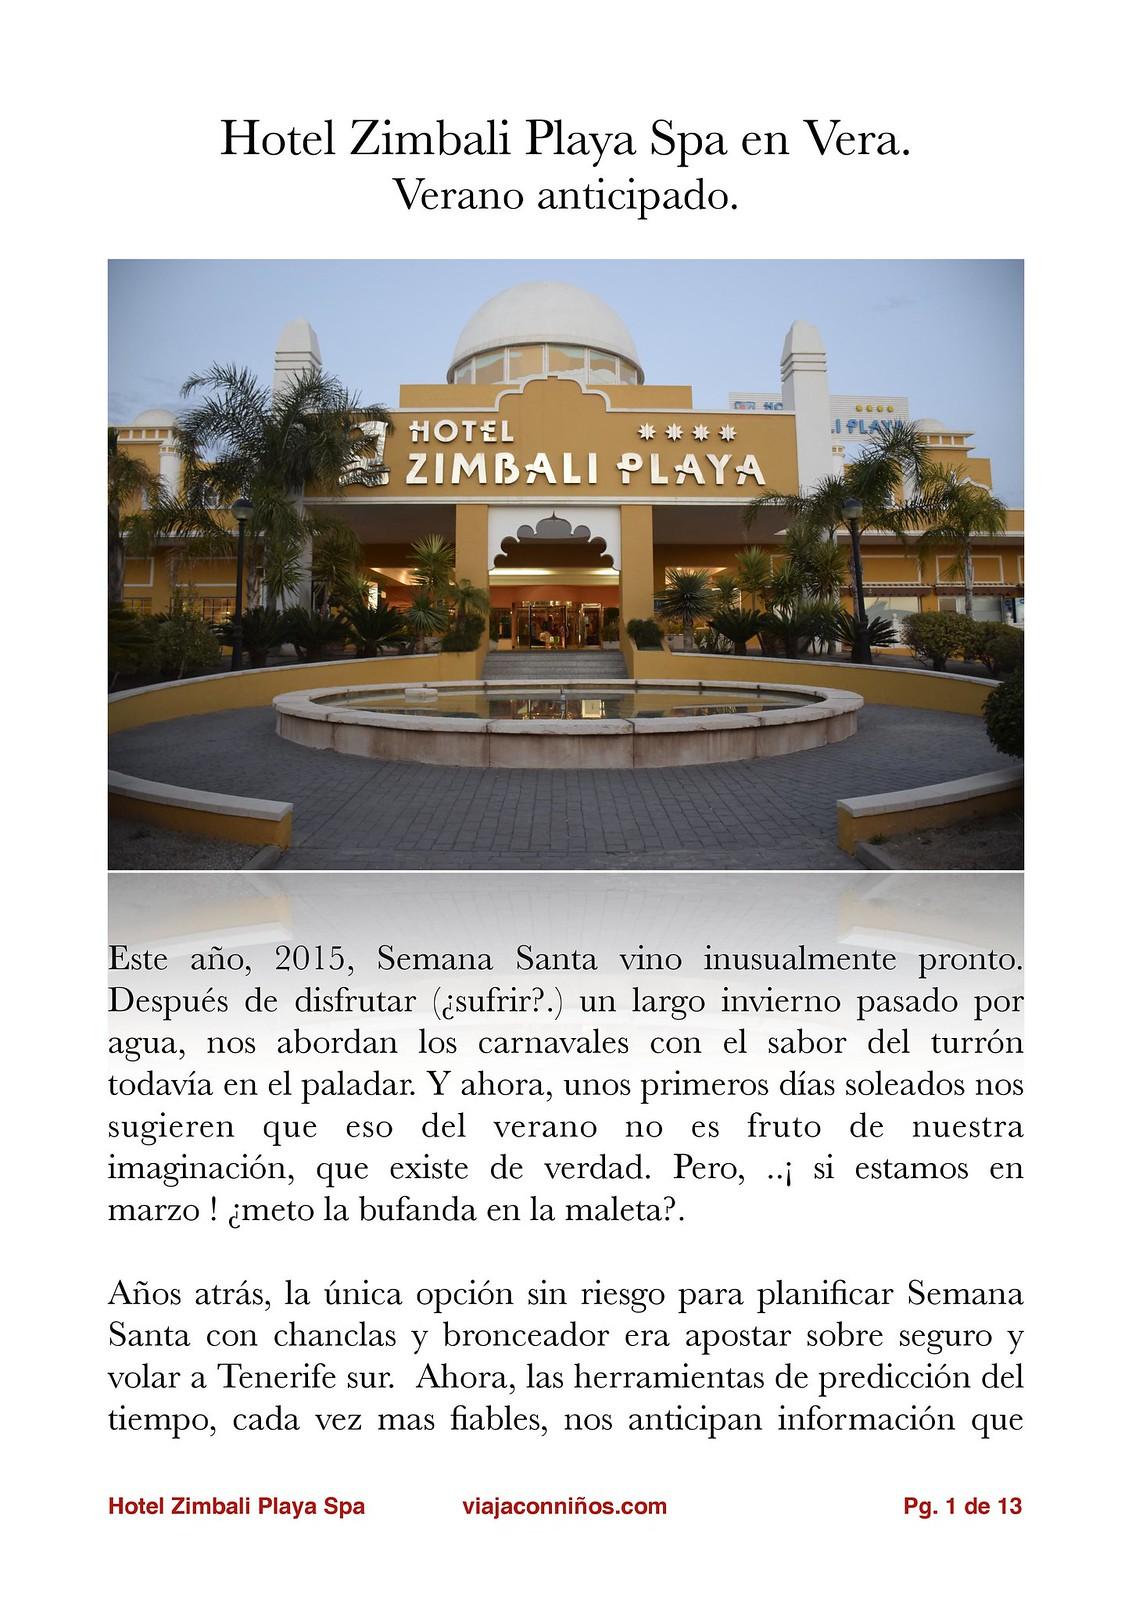 Hotel Zimbali vacaciones niños gratis